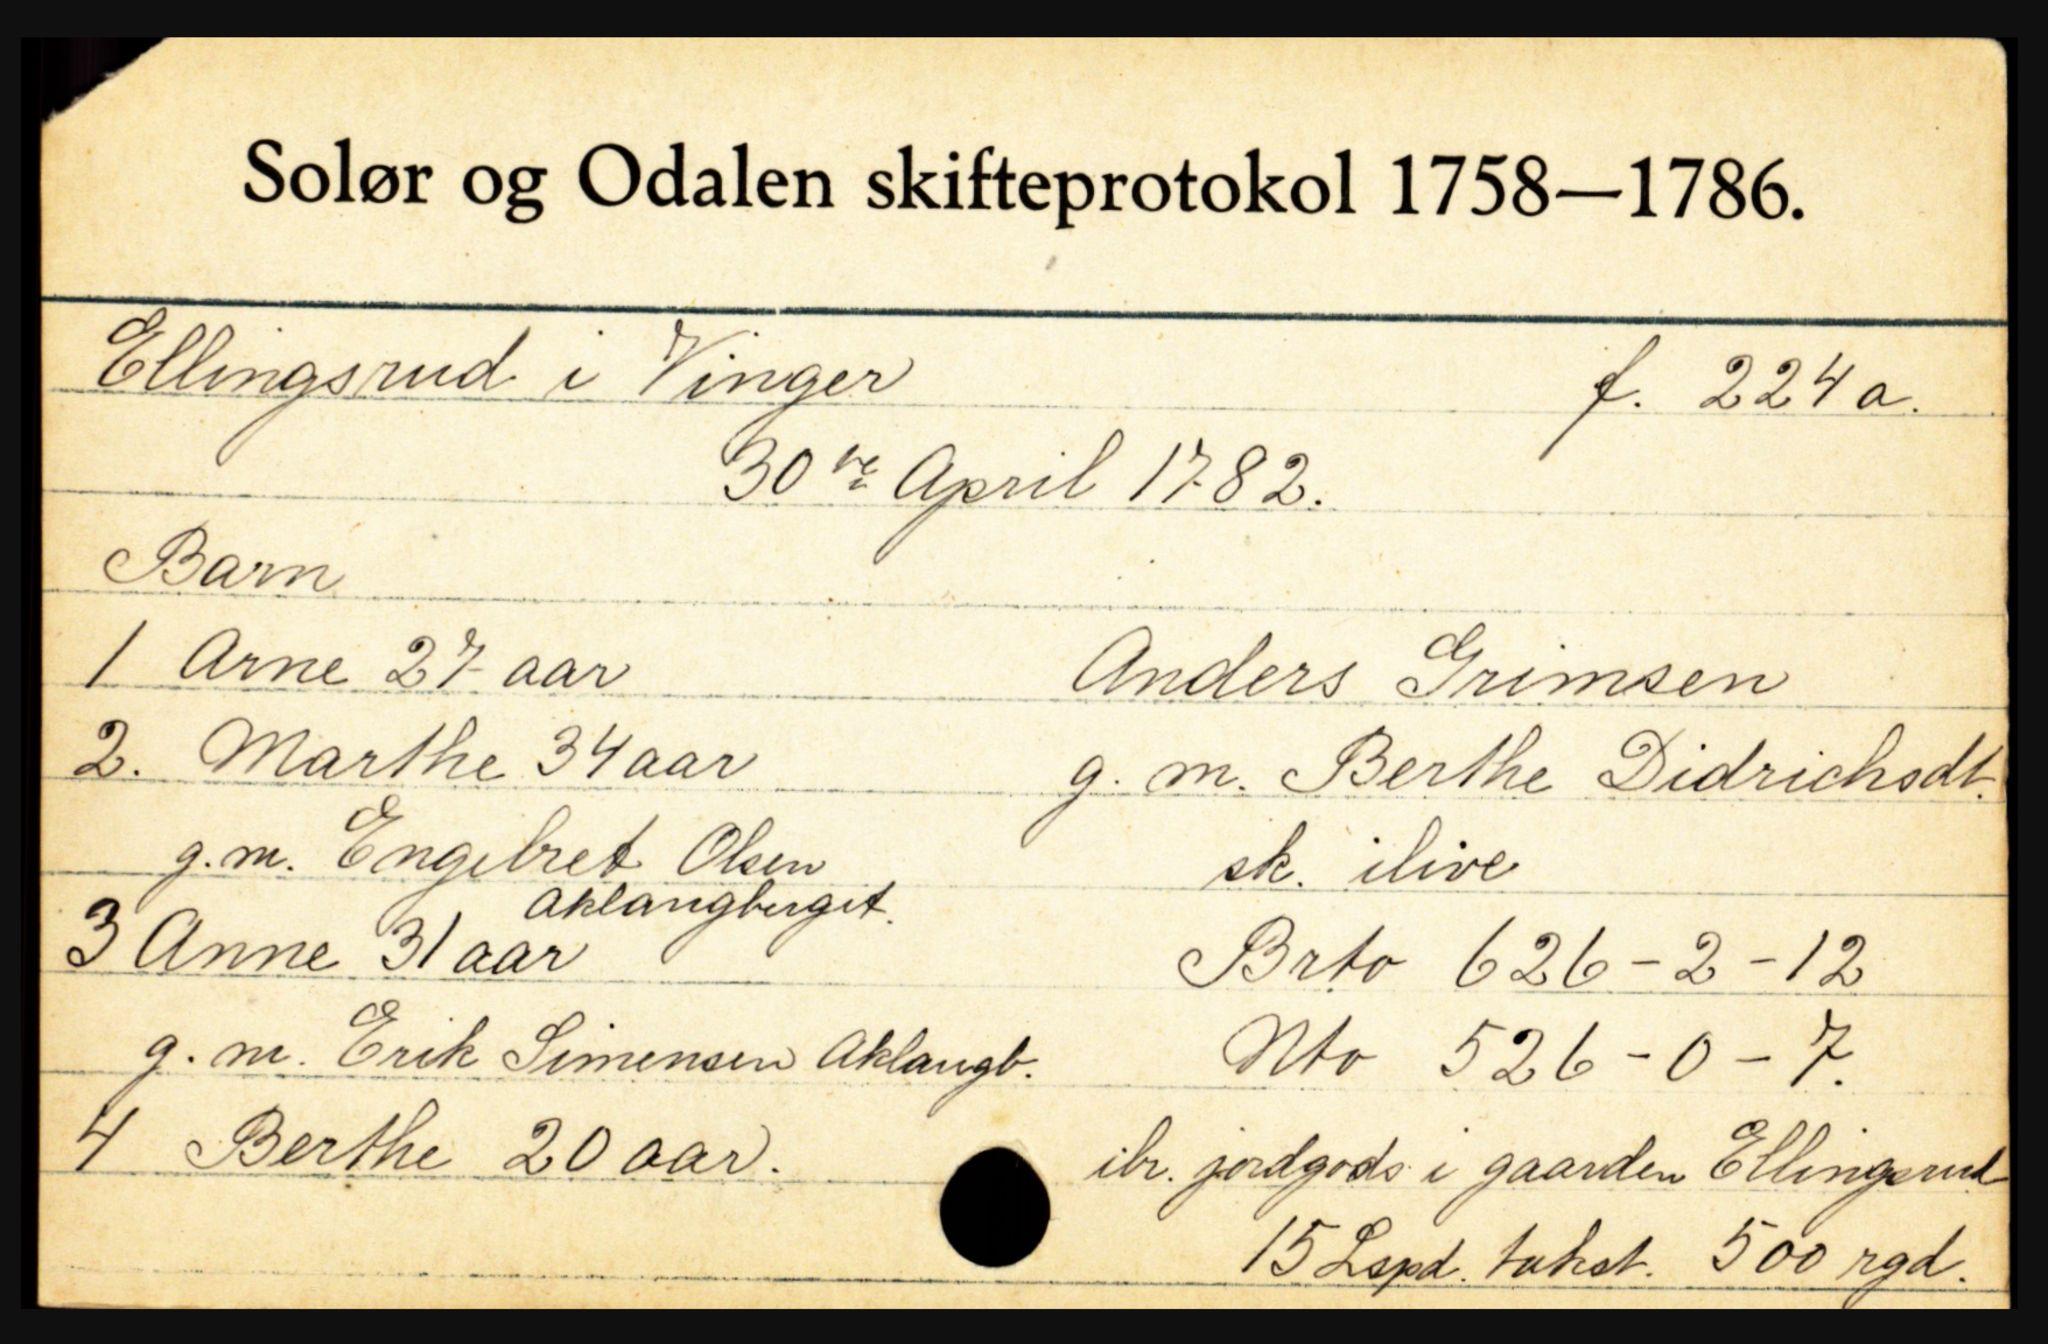 SAH, Solør og Odalen sorenskriveri, J, 1758-1868, s. 1995